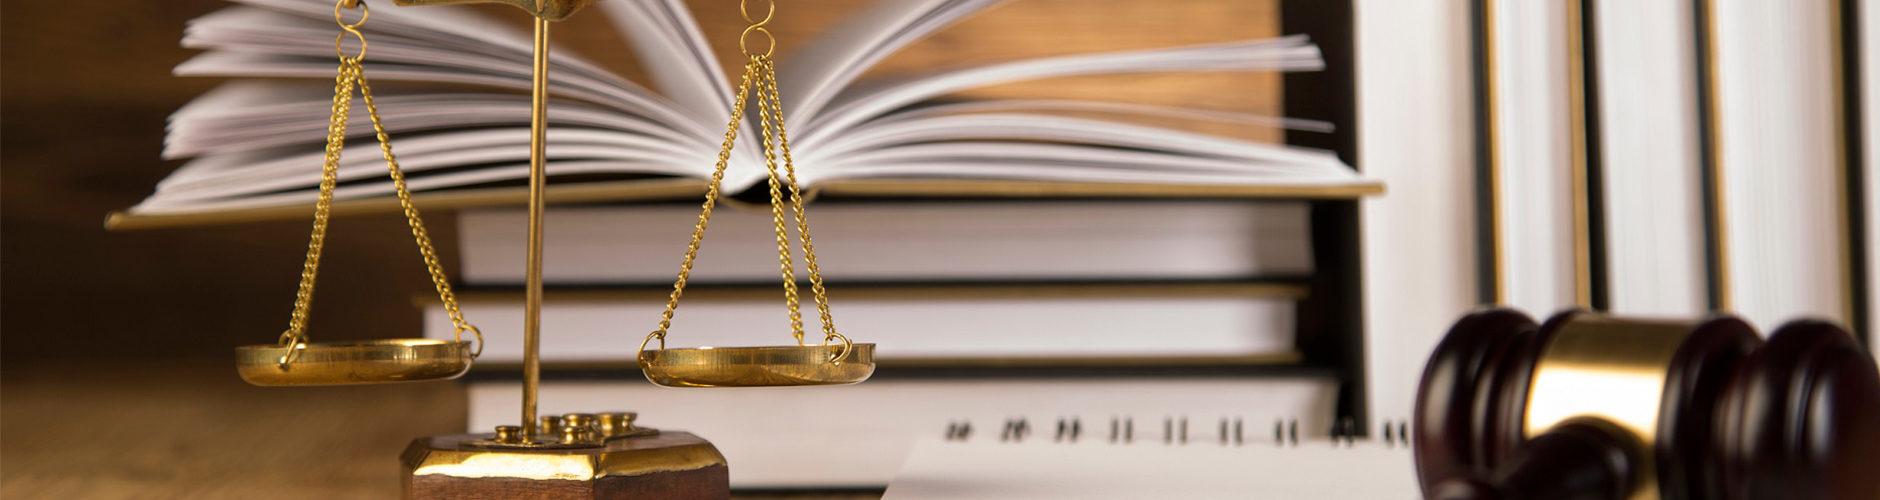 Юриста по ЖКХ и коммунальным вопросам